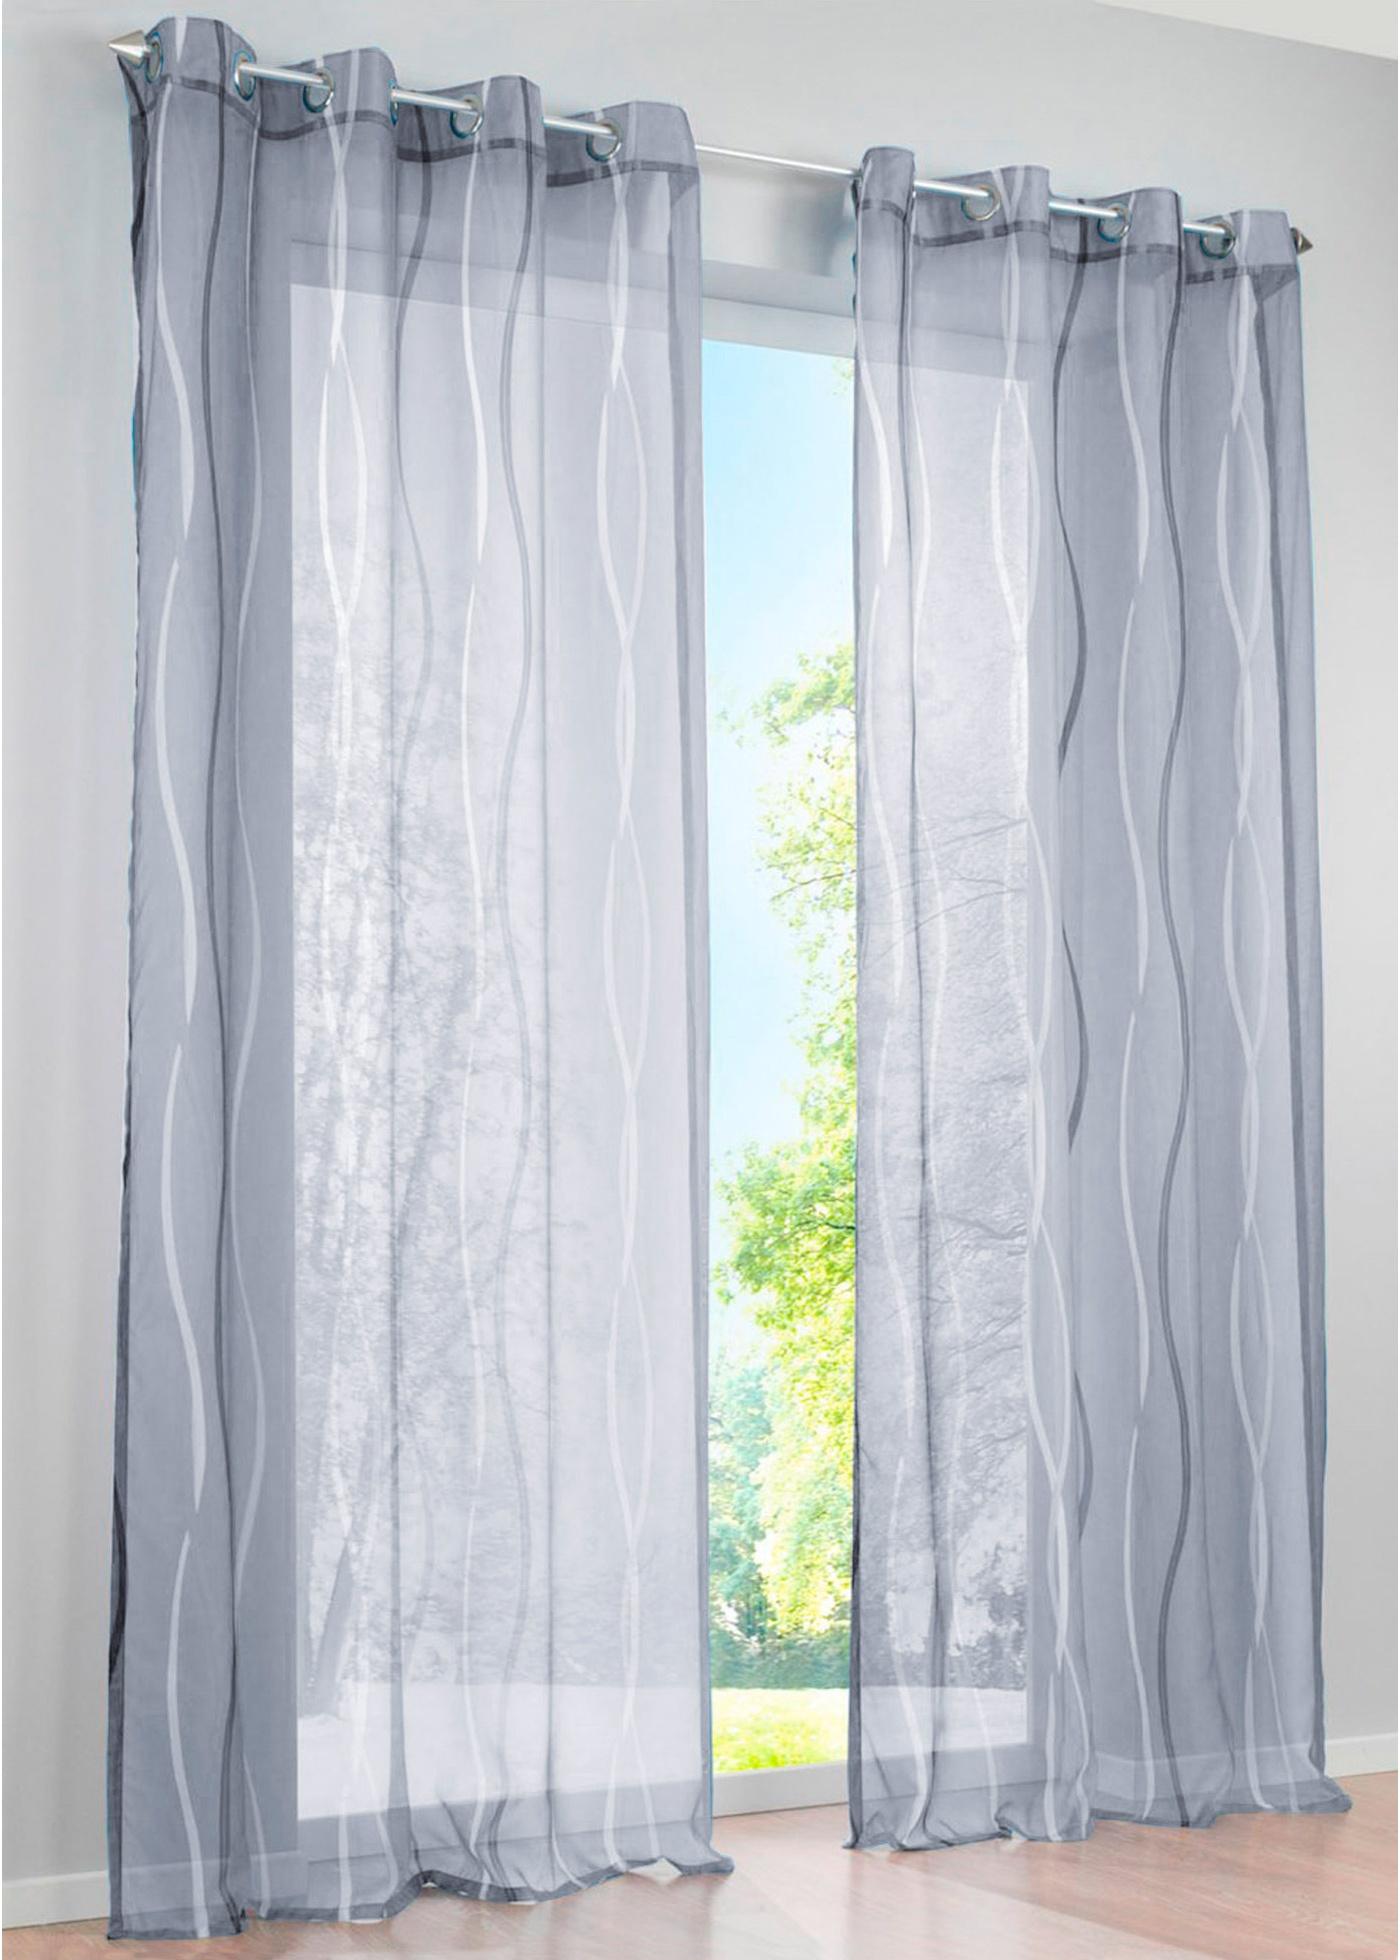 bpc living bonprix voilage vienne teint pce argent pour maison with bon prix voilage. Black Bedroom Furniture Sets. Home Design Ideas